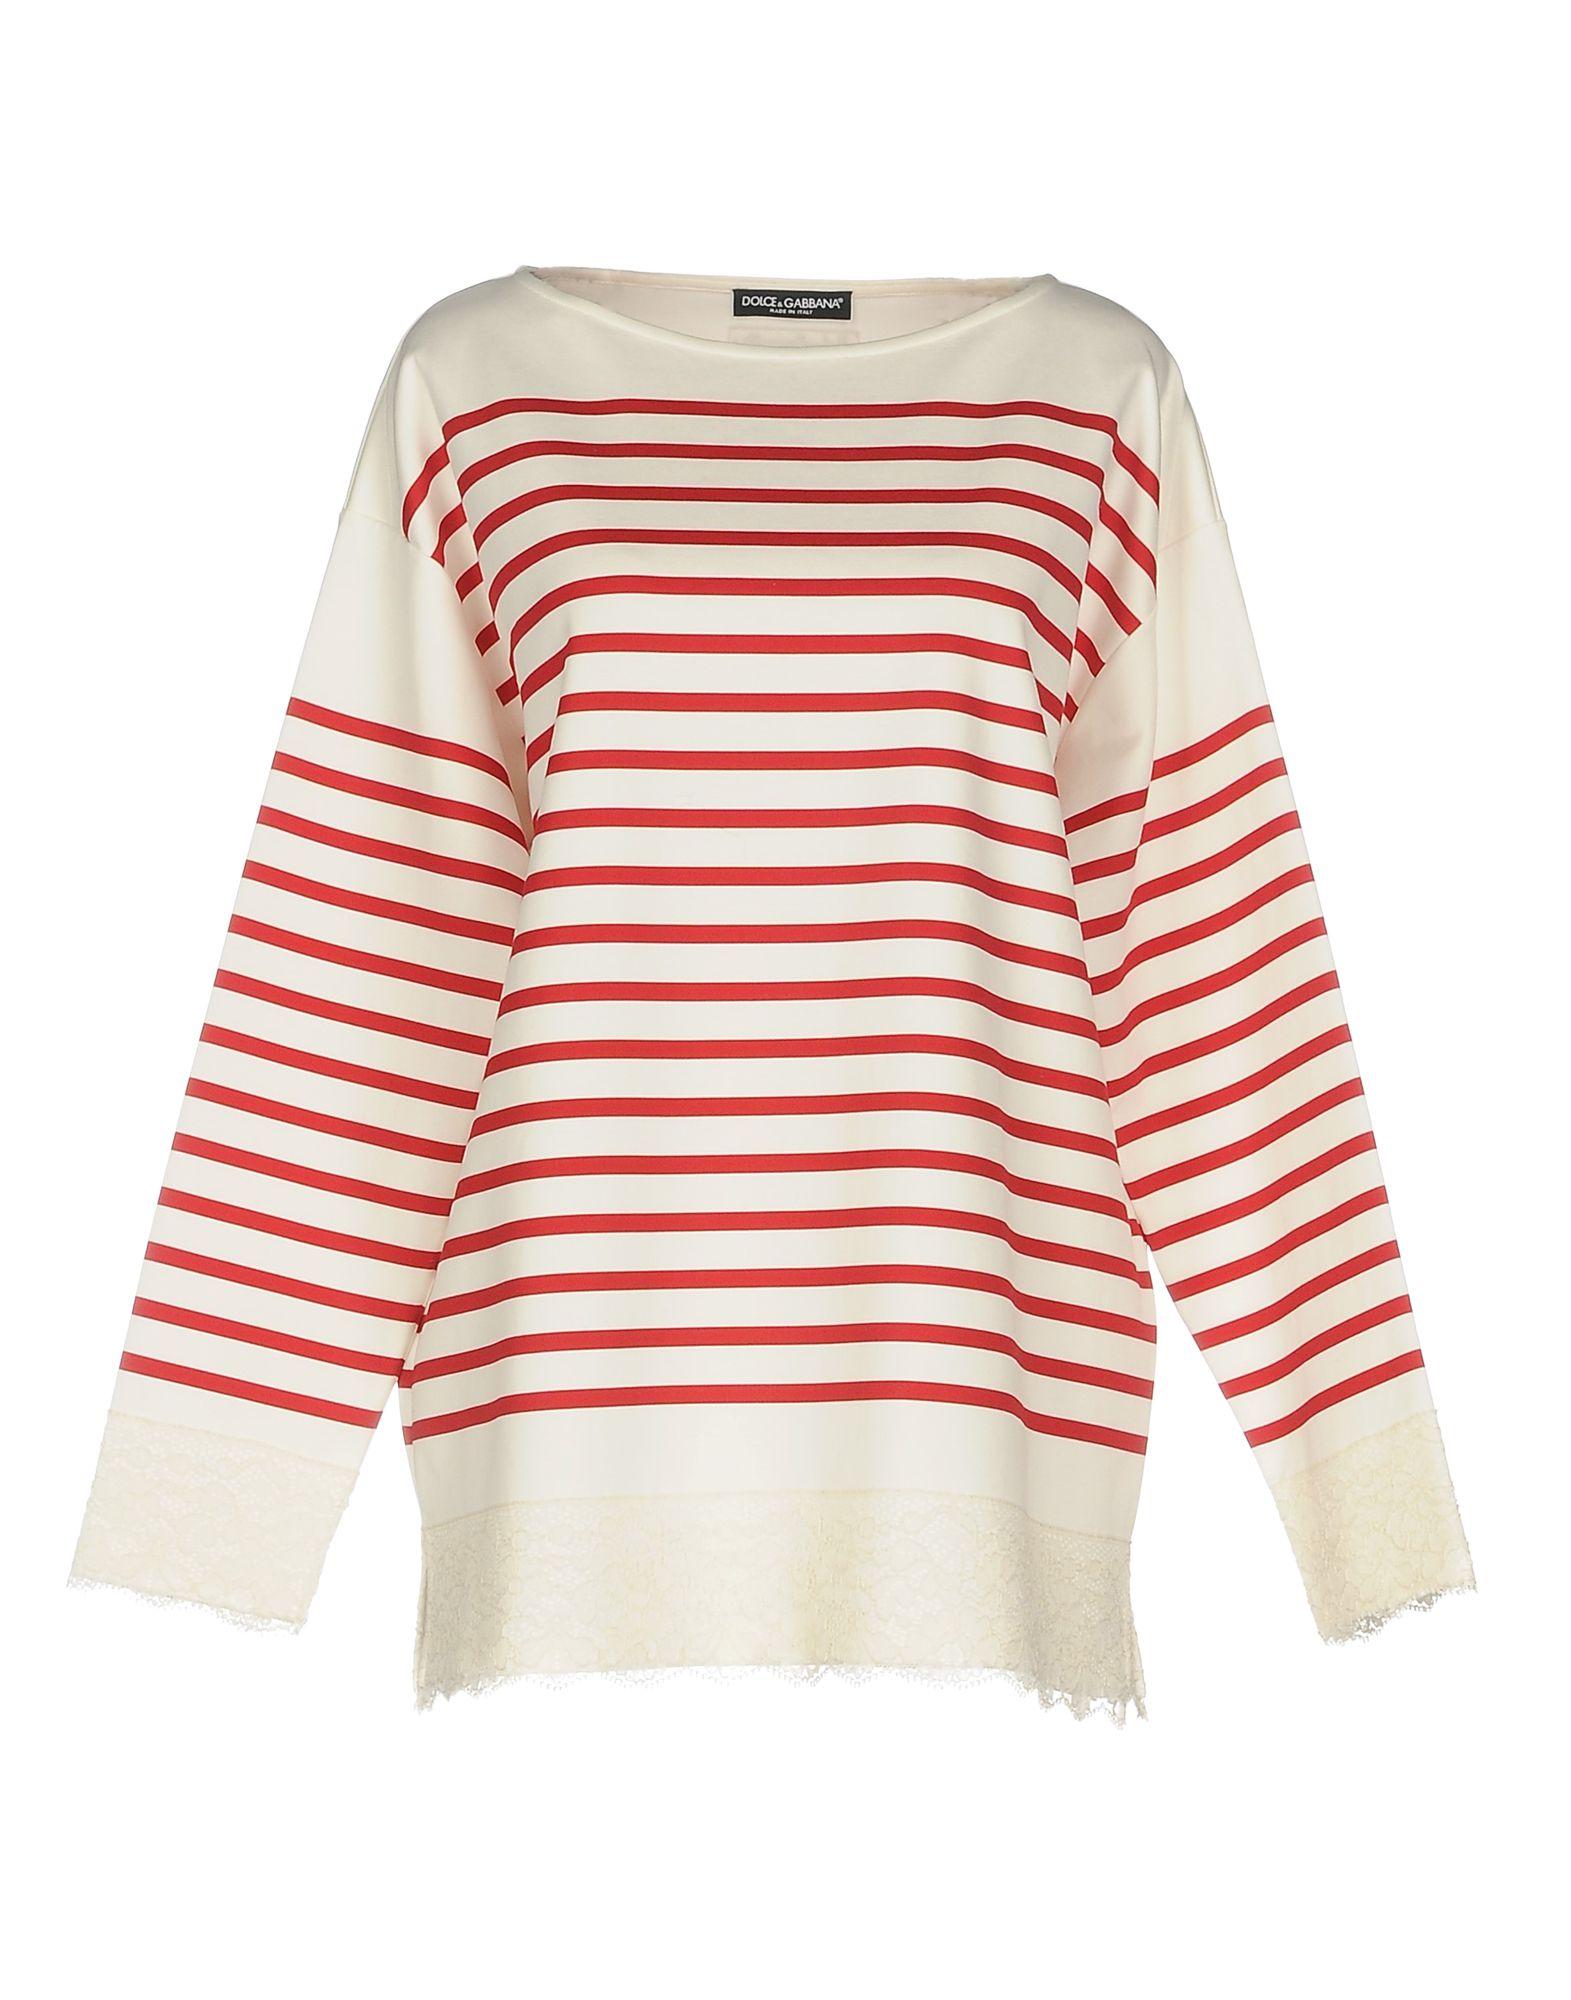 DOLCE & GABBANA 티셔츠 - Item 12120380